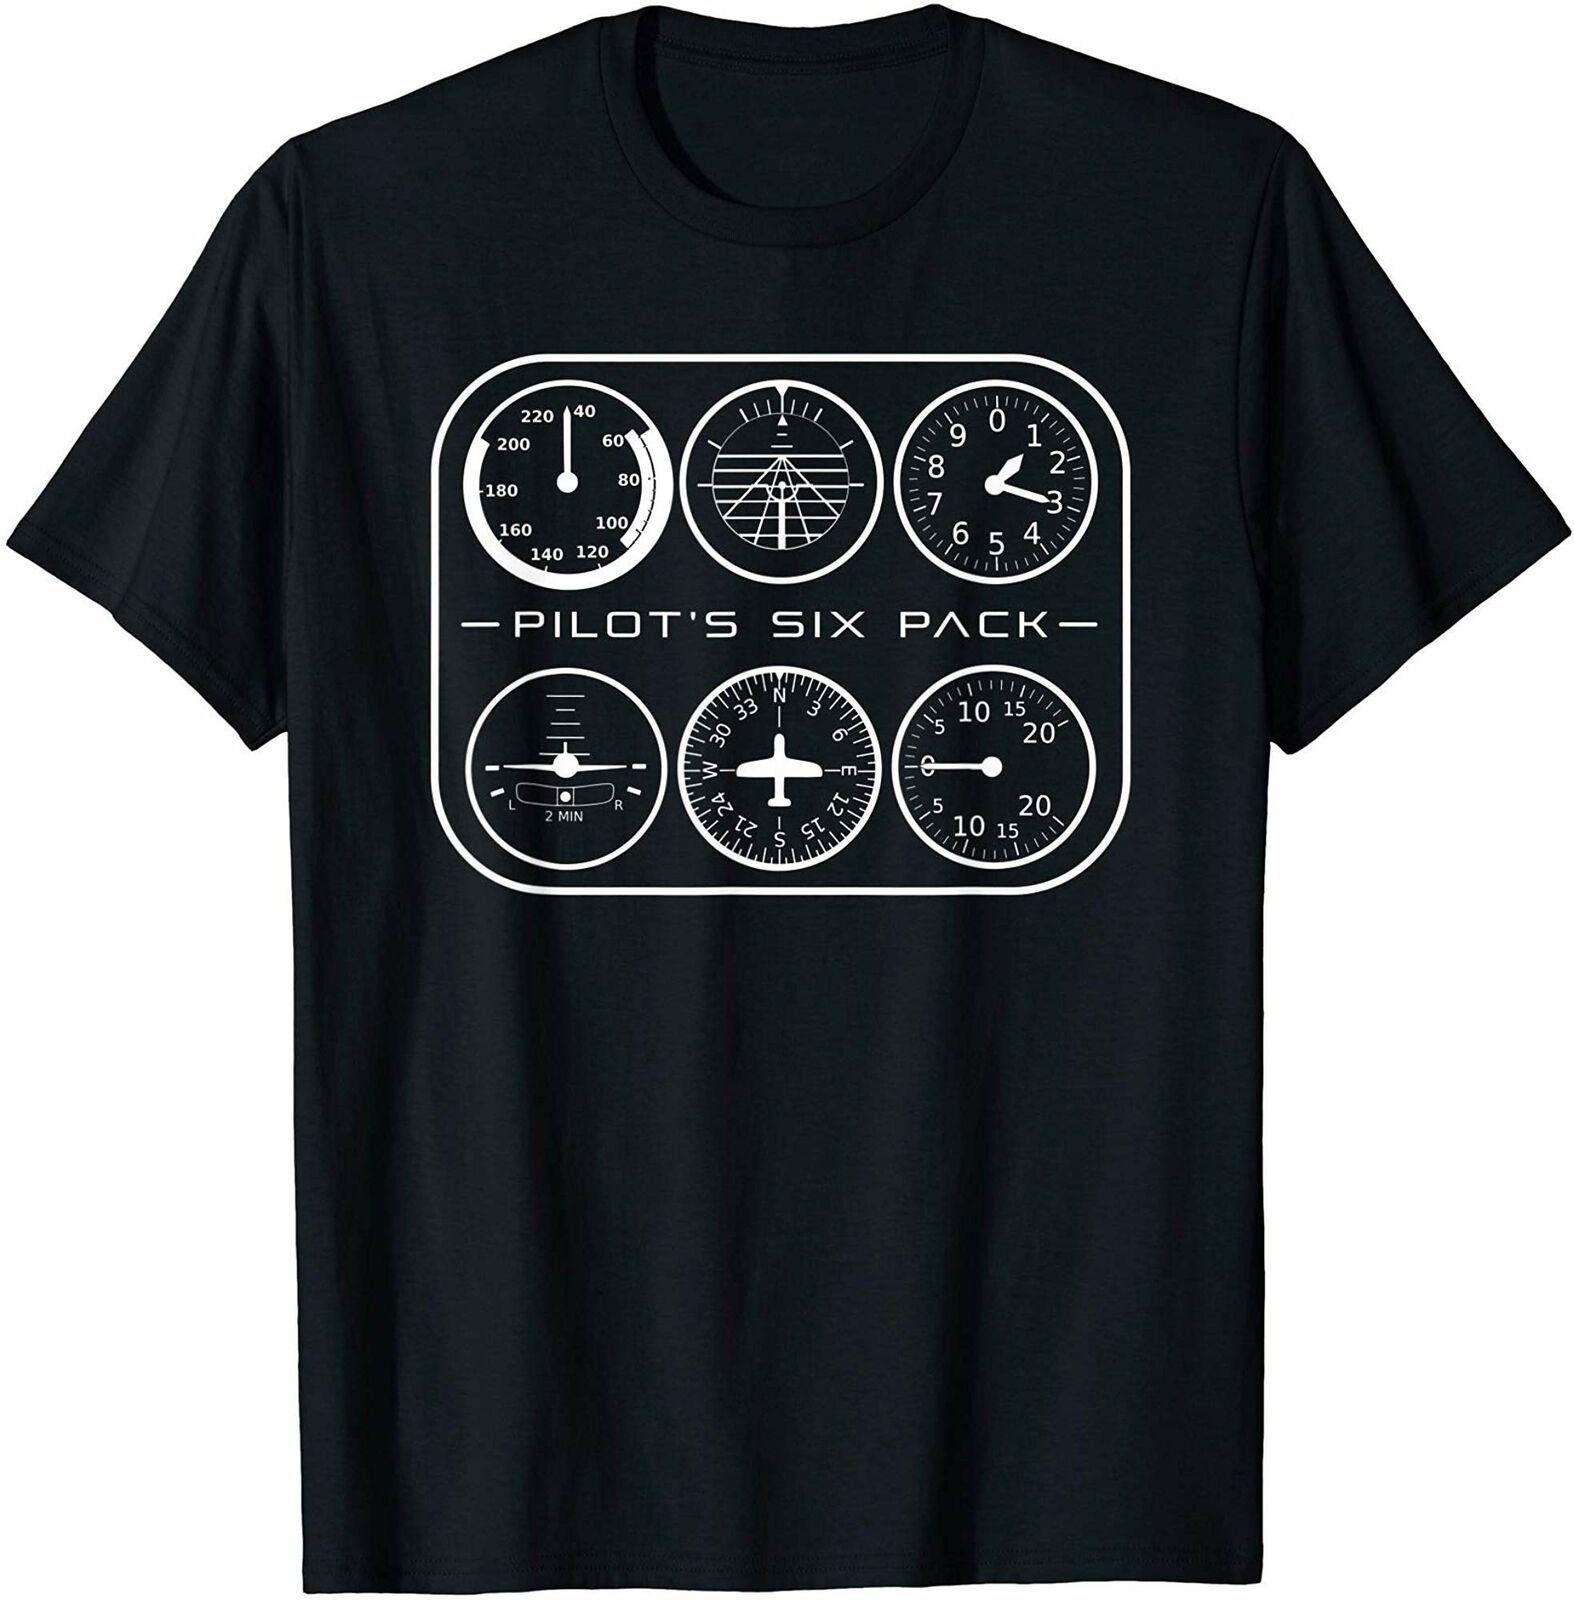 Lote de seis unidades de Pilotaposs, camiseta de aviación con Instrumentos de vuelo, camiseta de regalo Vintage para hombres